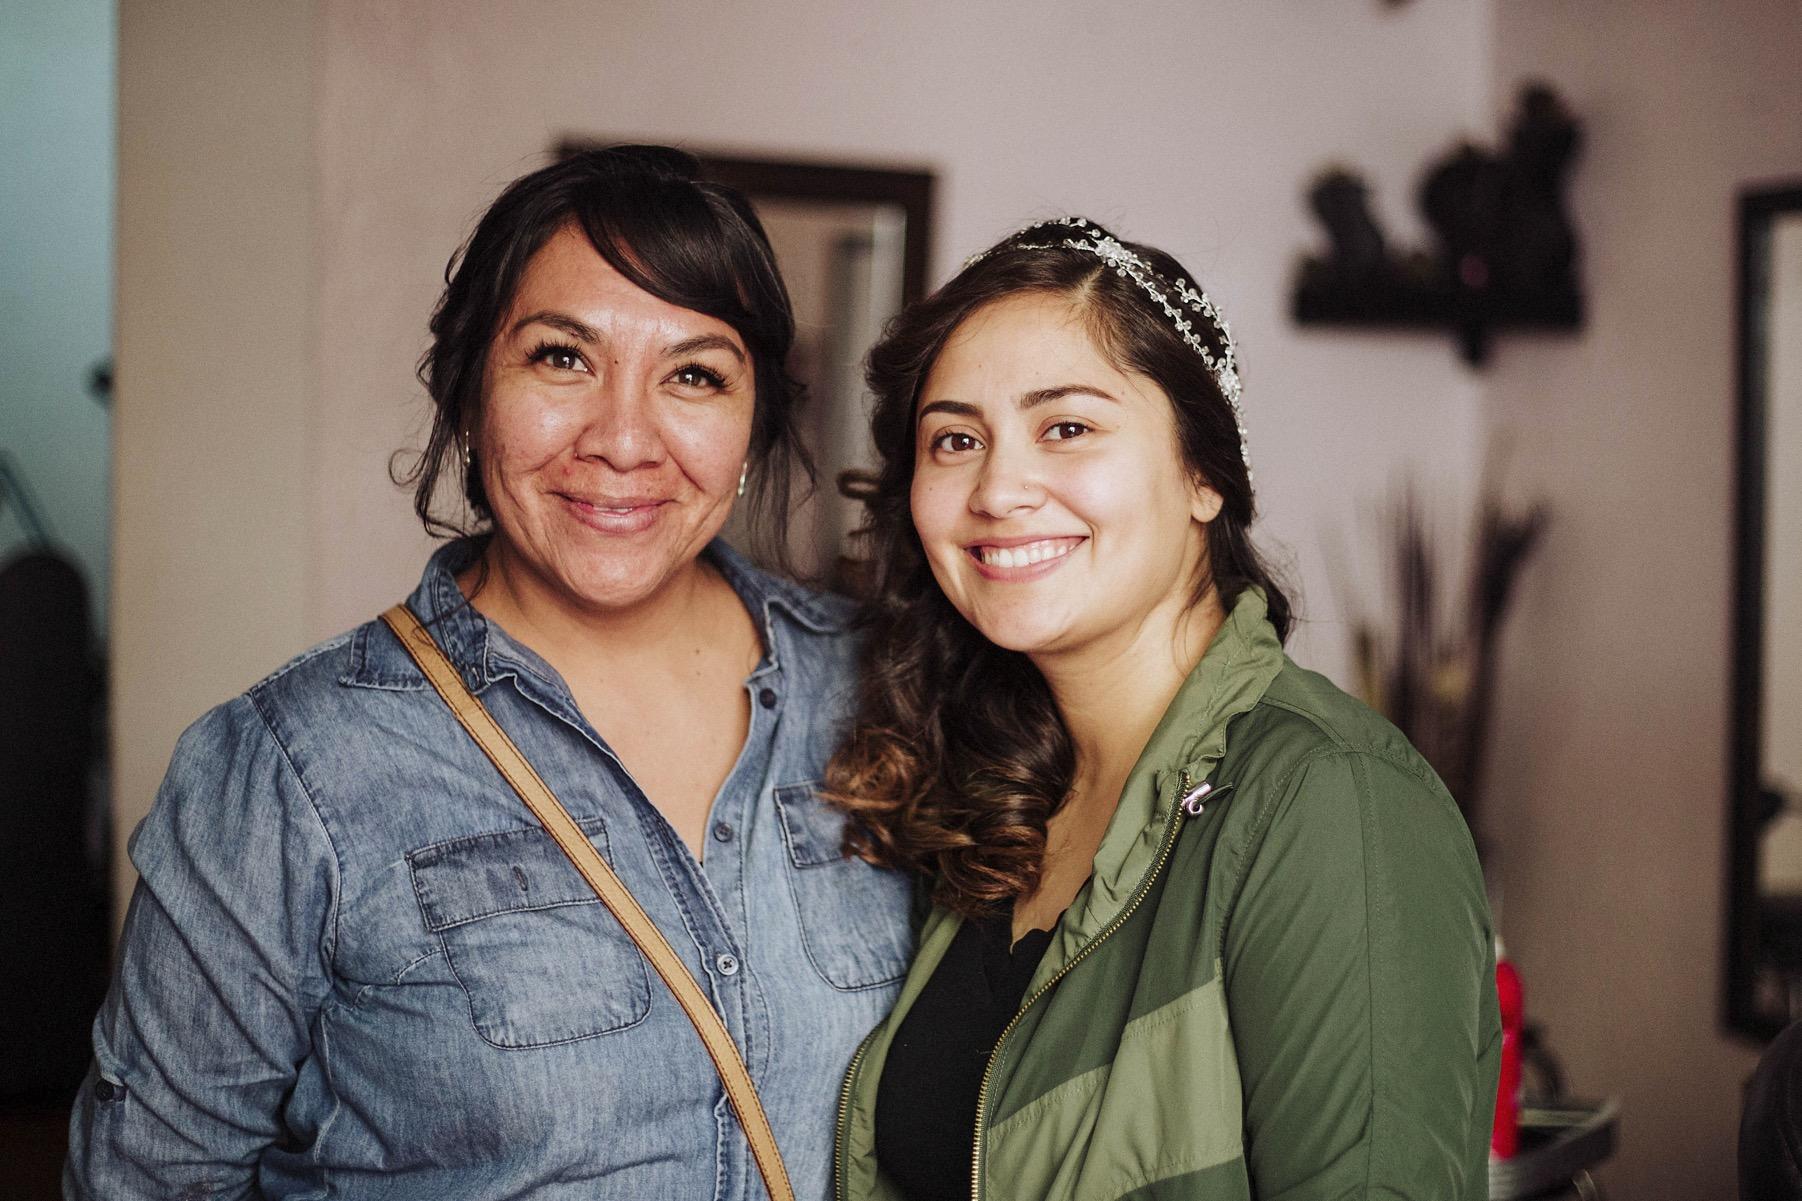 fotografo_profesional_bodas_zacatecas_mexico-8